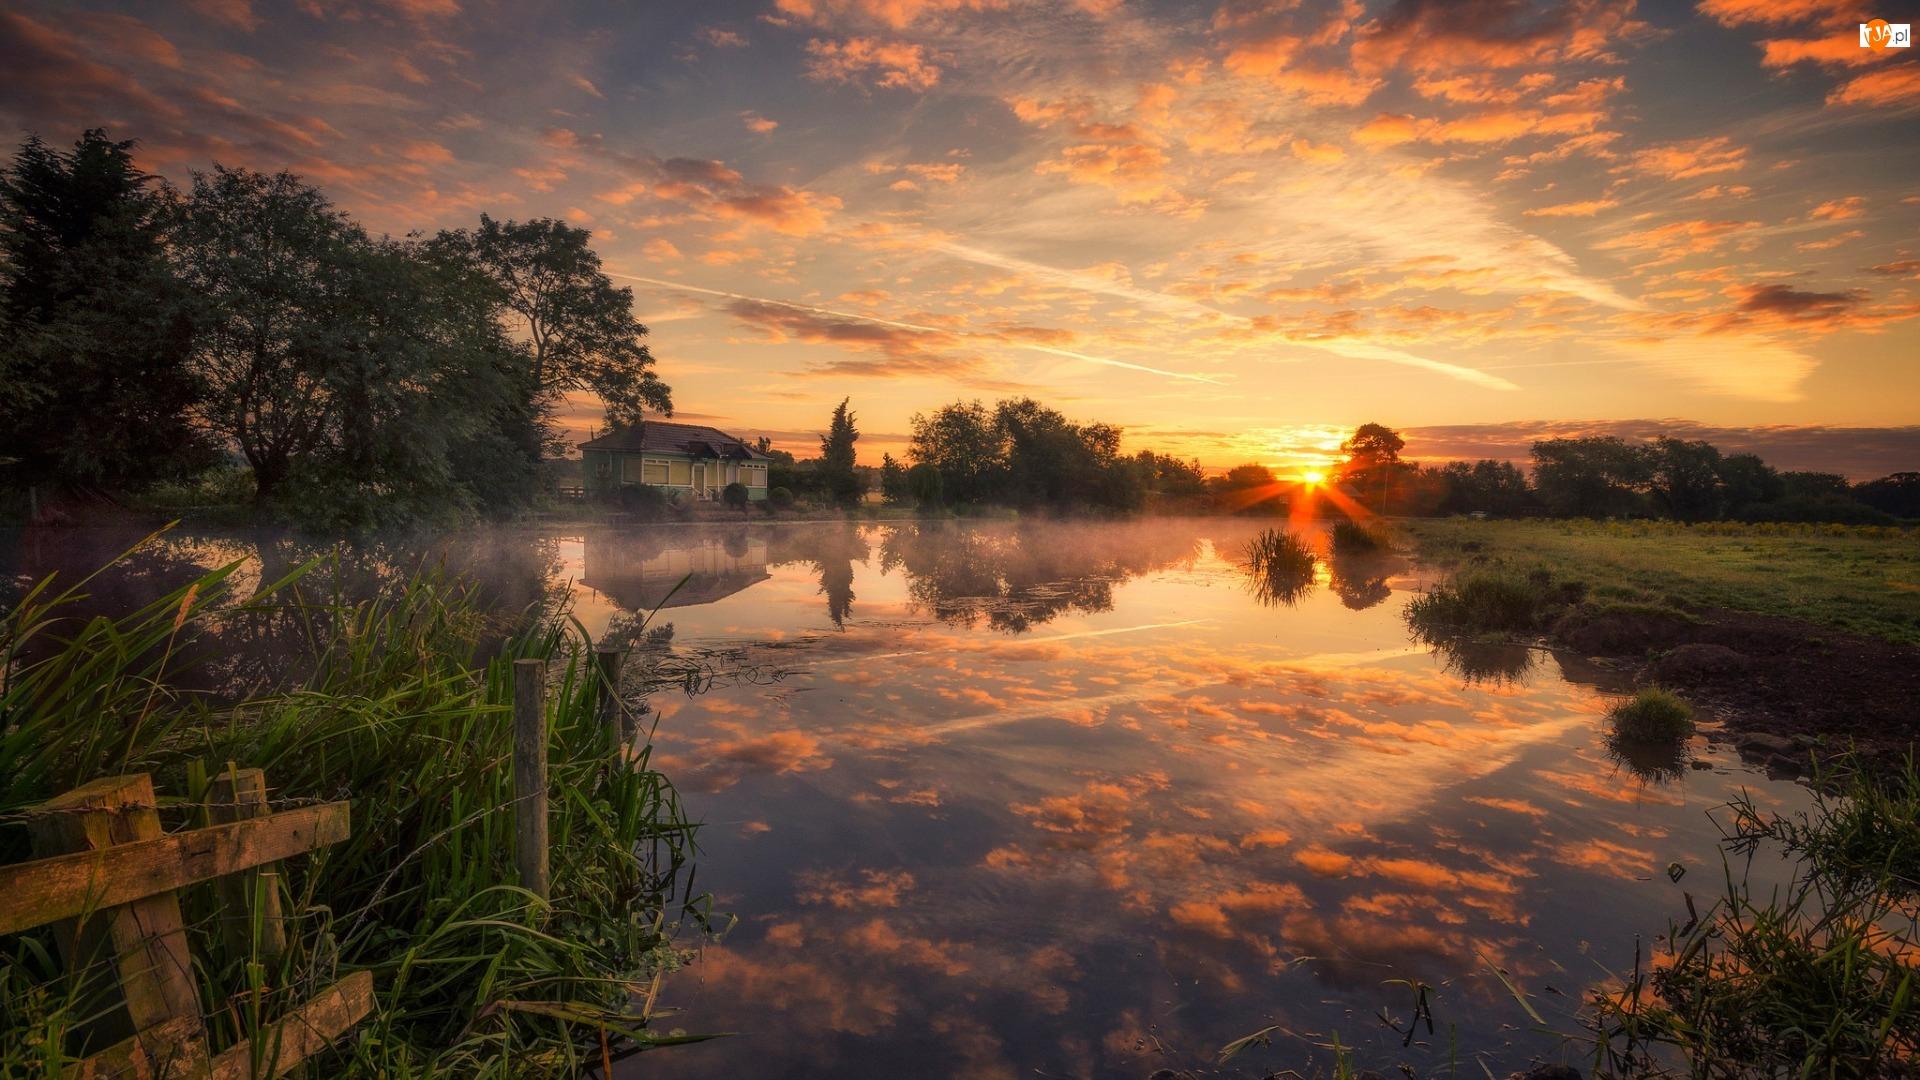 Wieś Zouch, Wschód słońca, Drzewa, Nottinghamshire, Rzeka, Dom, Anglia, River Soar